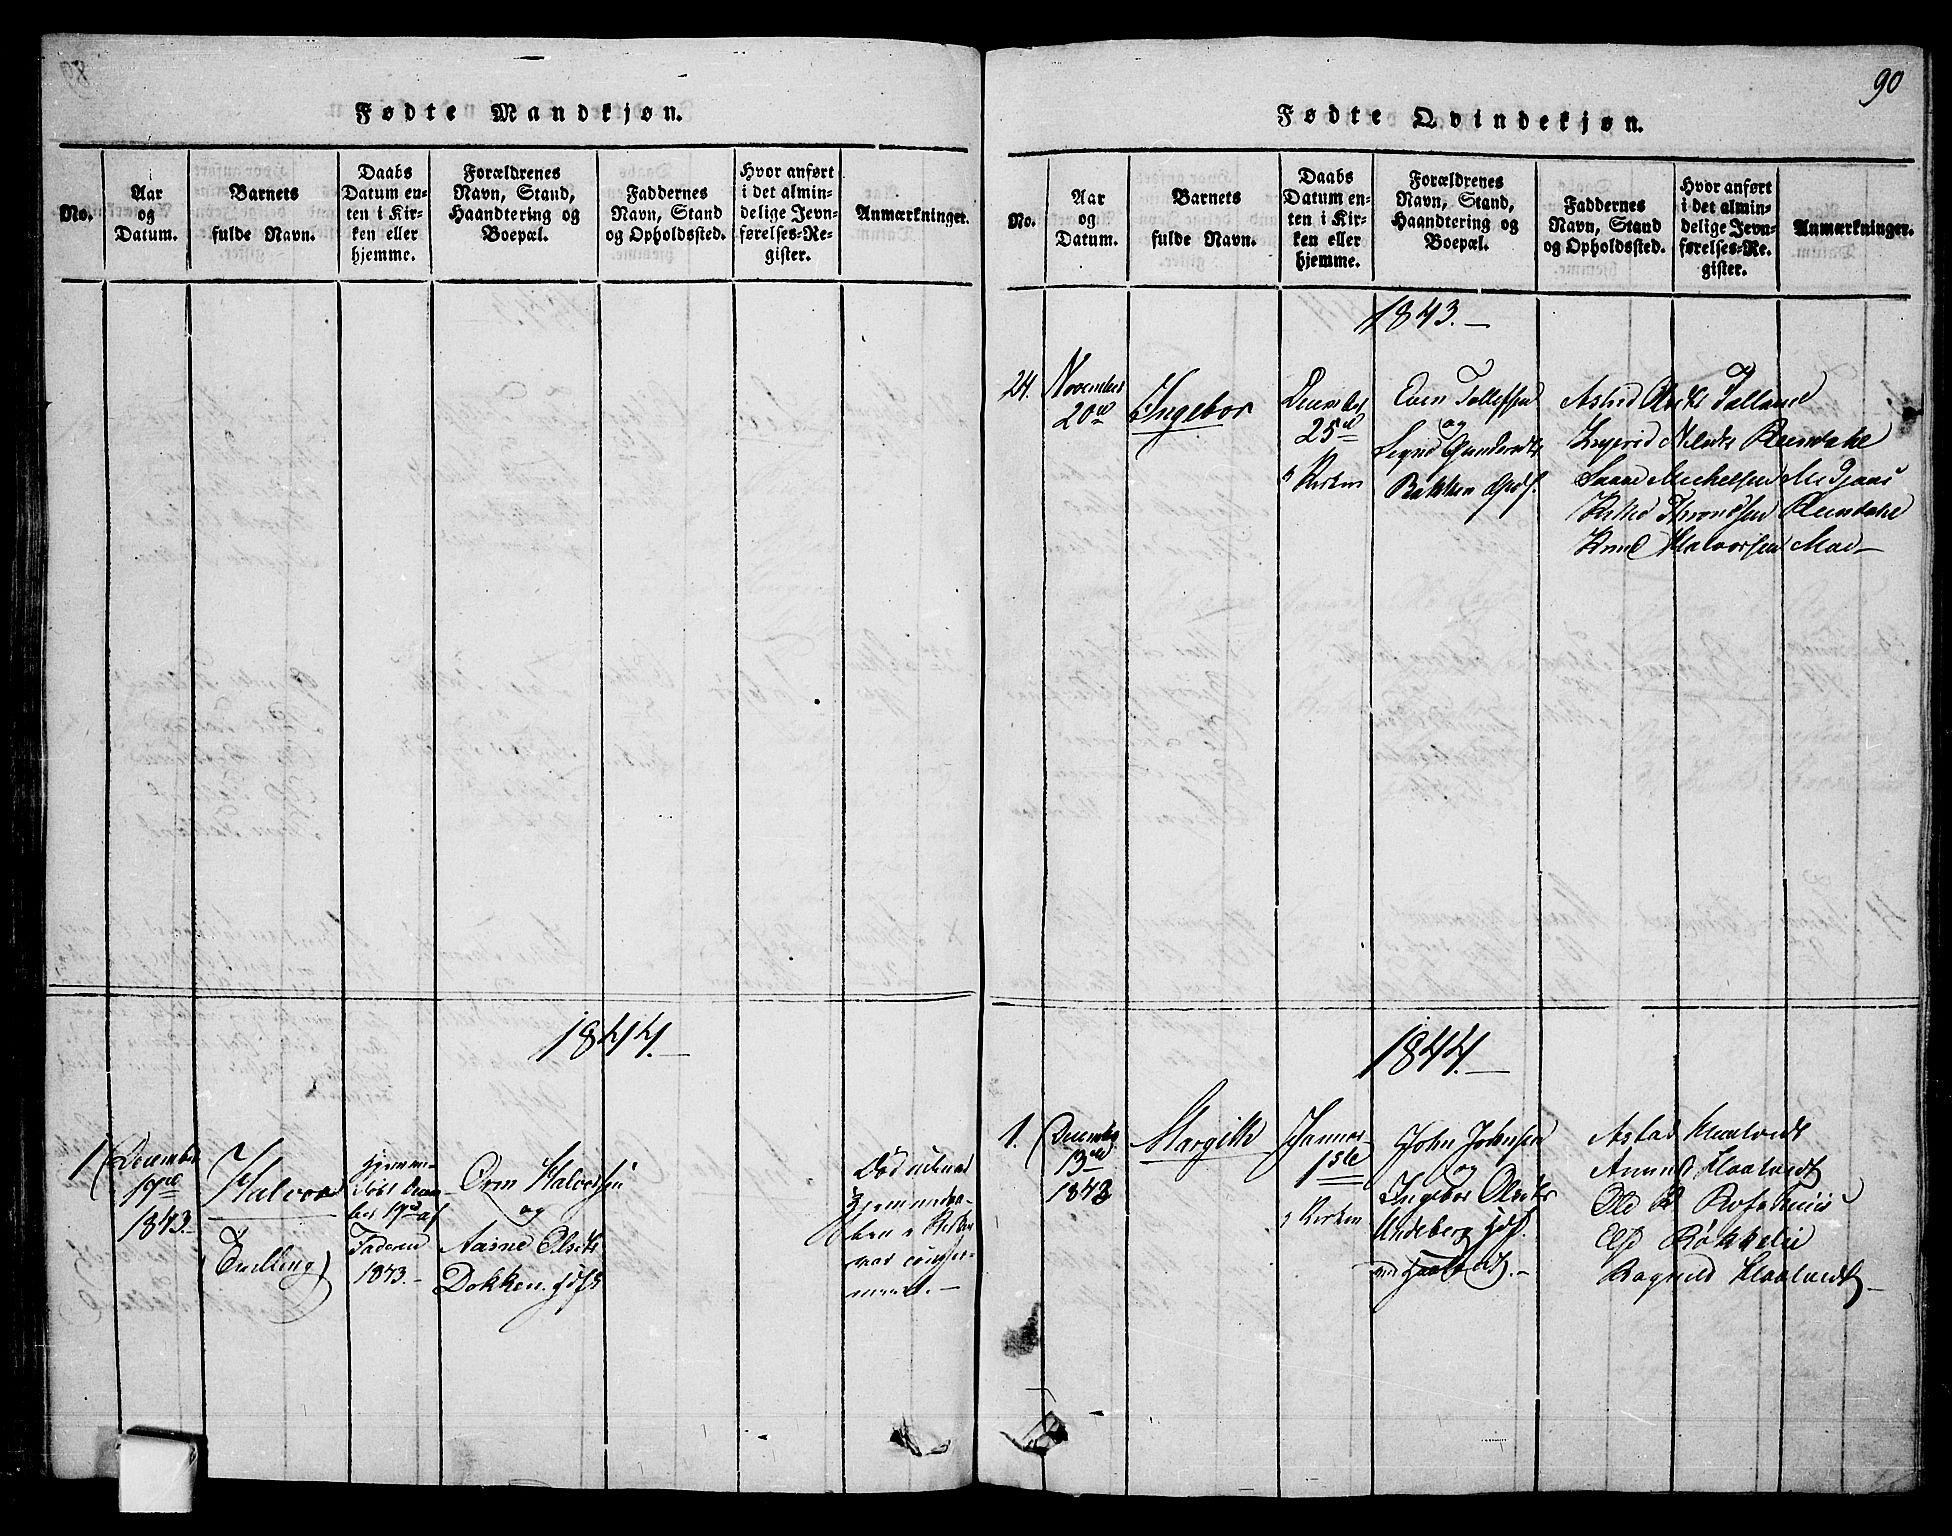 SAKO, Mo kirkebøker, F/Fa/L0004: Ministerialbok nr. I 4, 1814-1844, s. 90